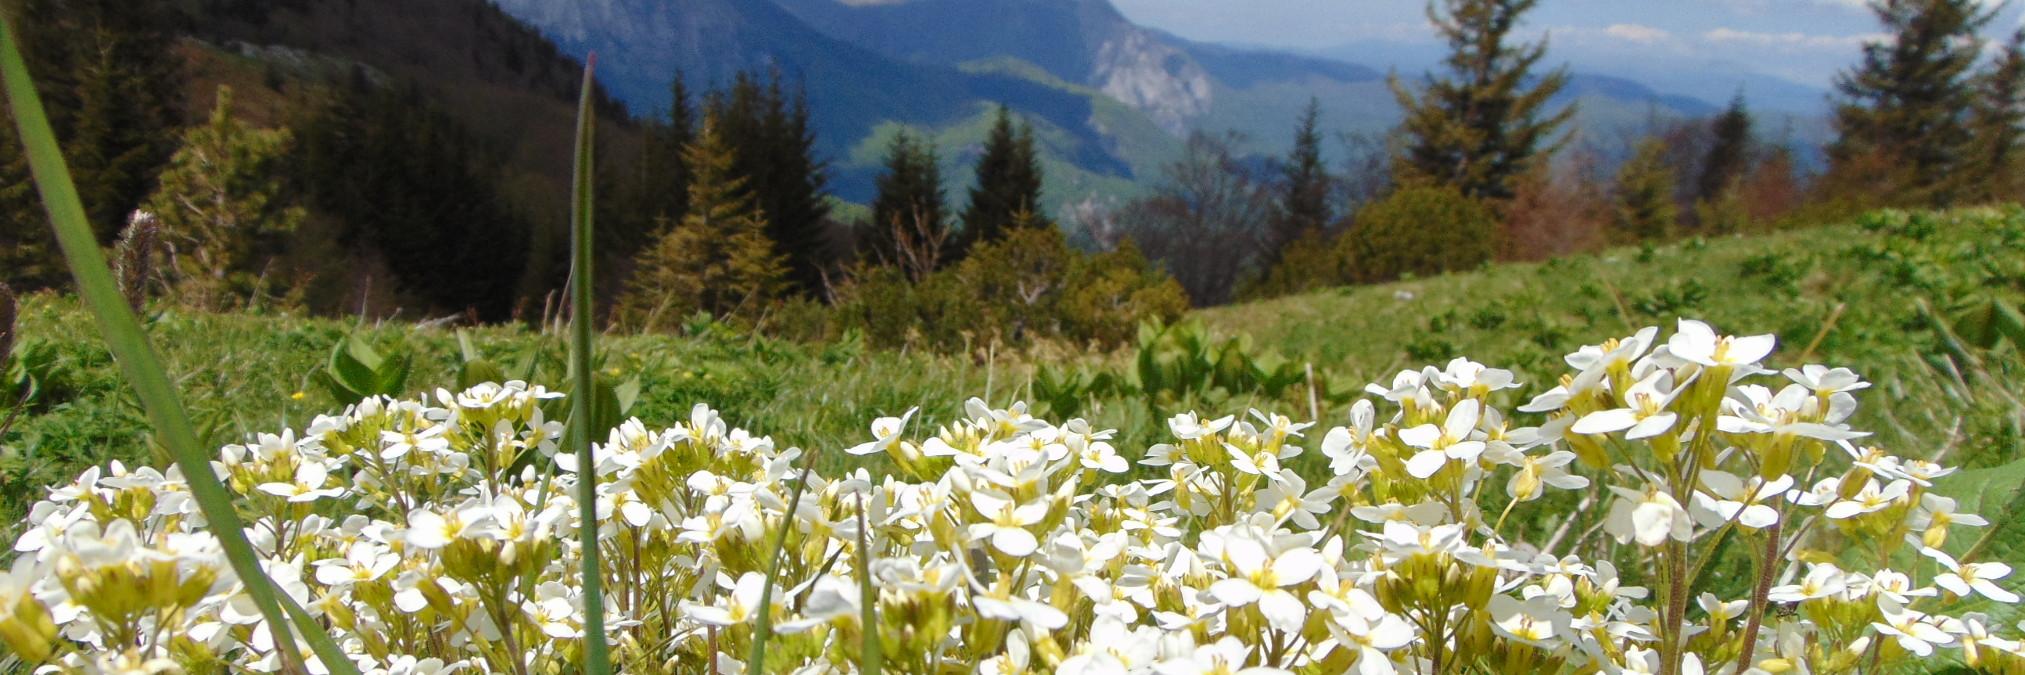 Лучшее время для путешествий по Боснии и Герцеговине